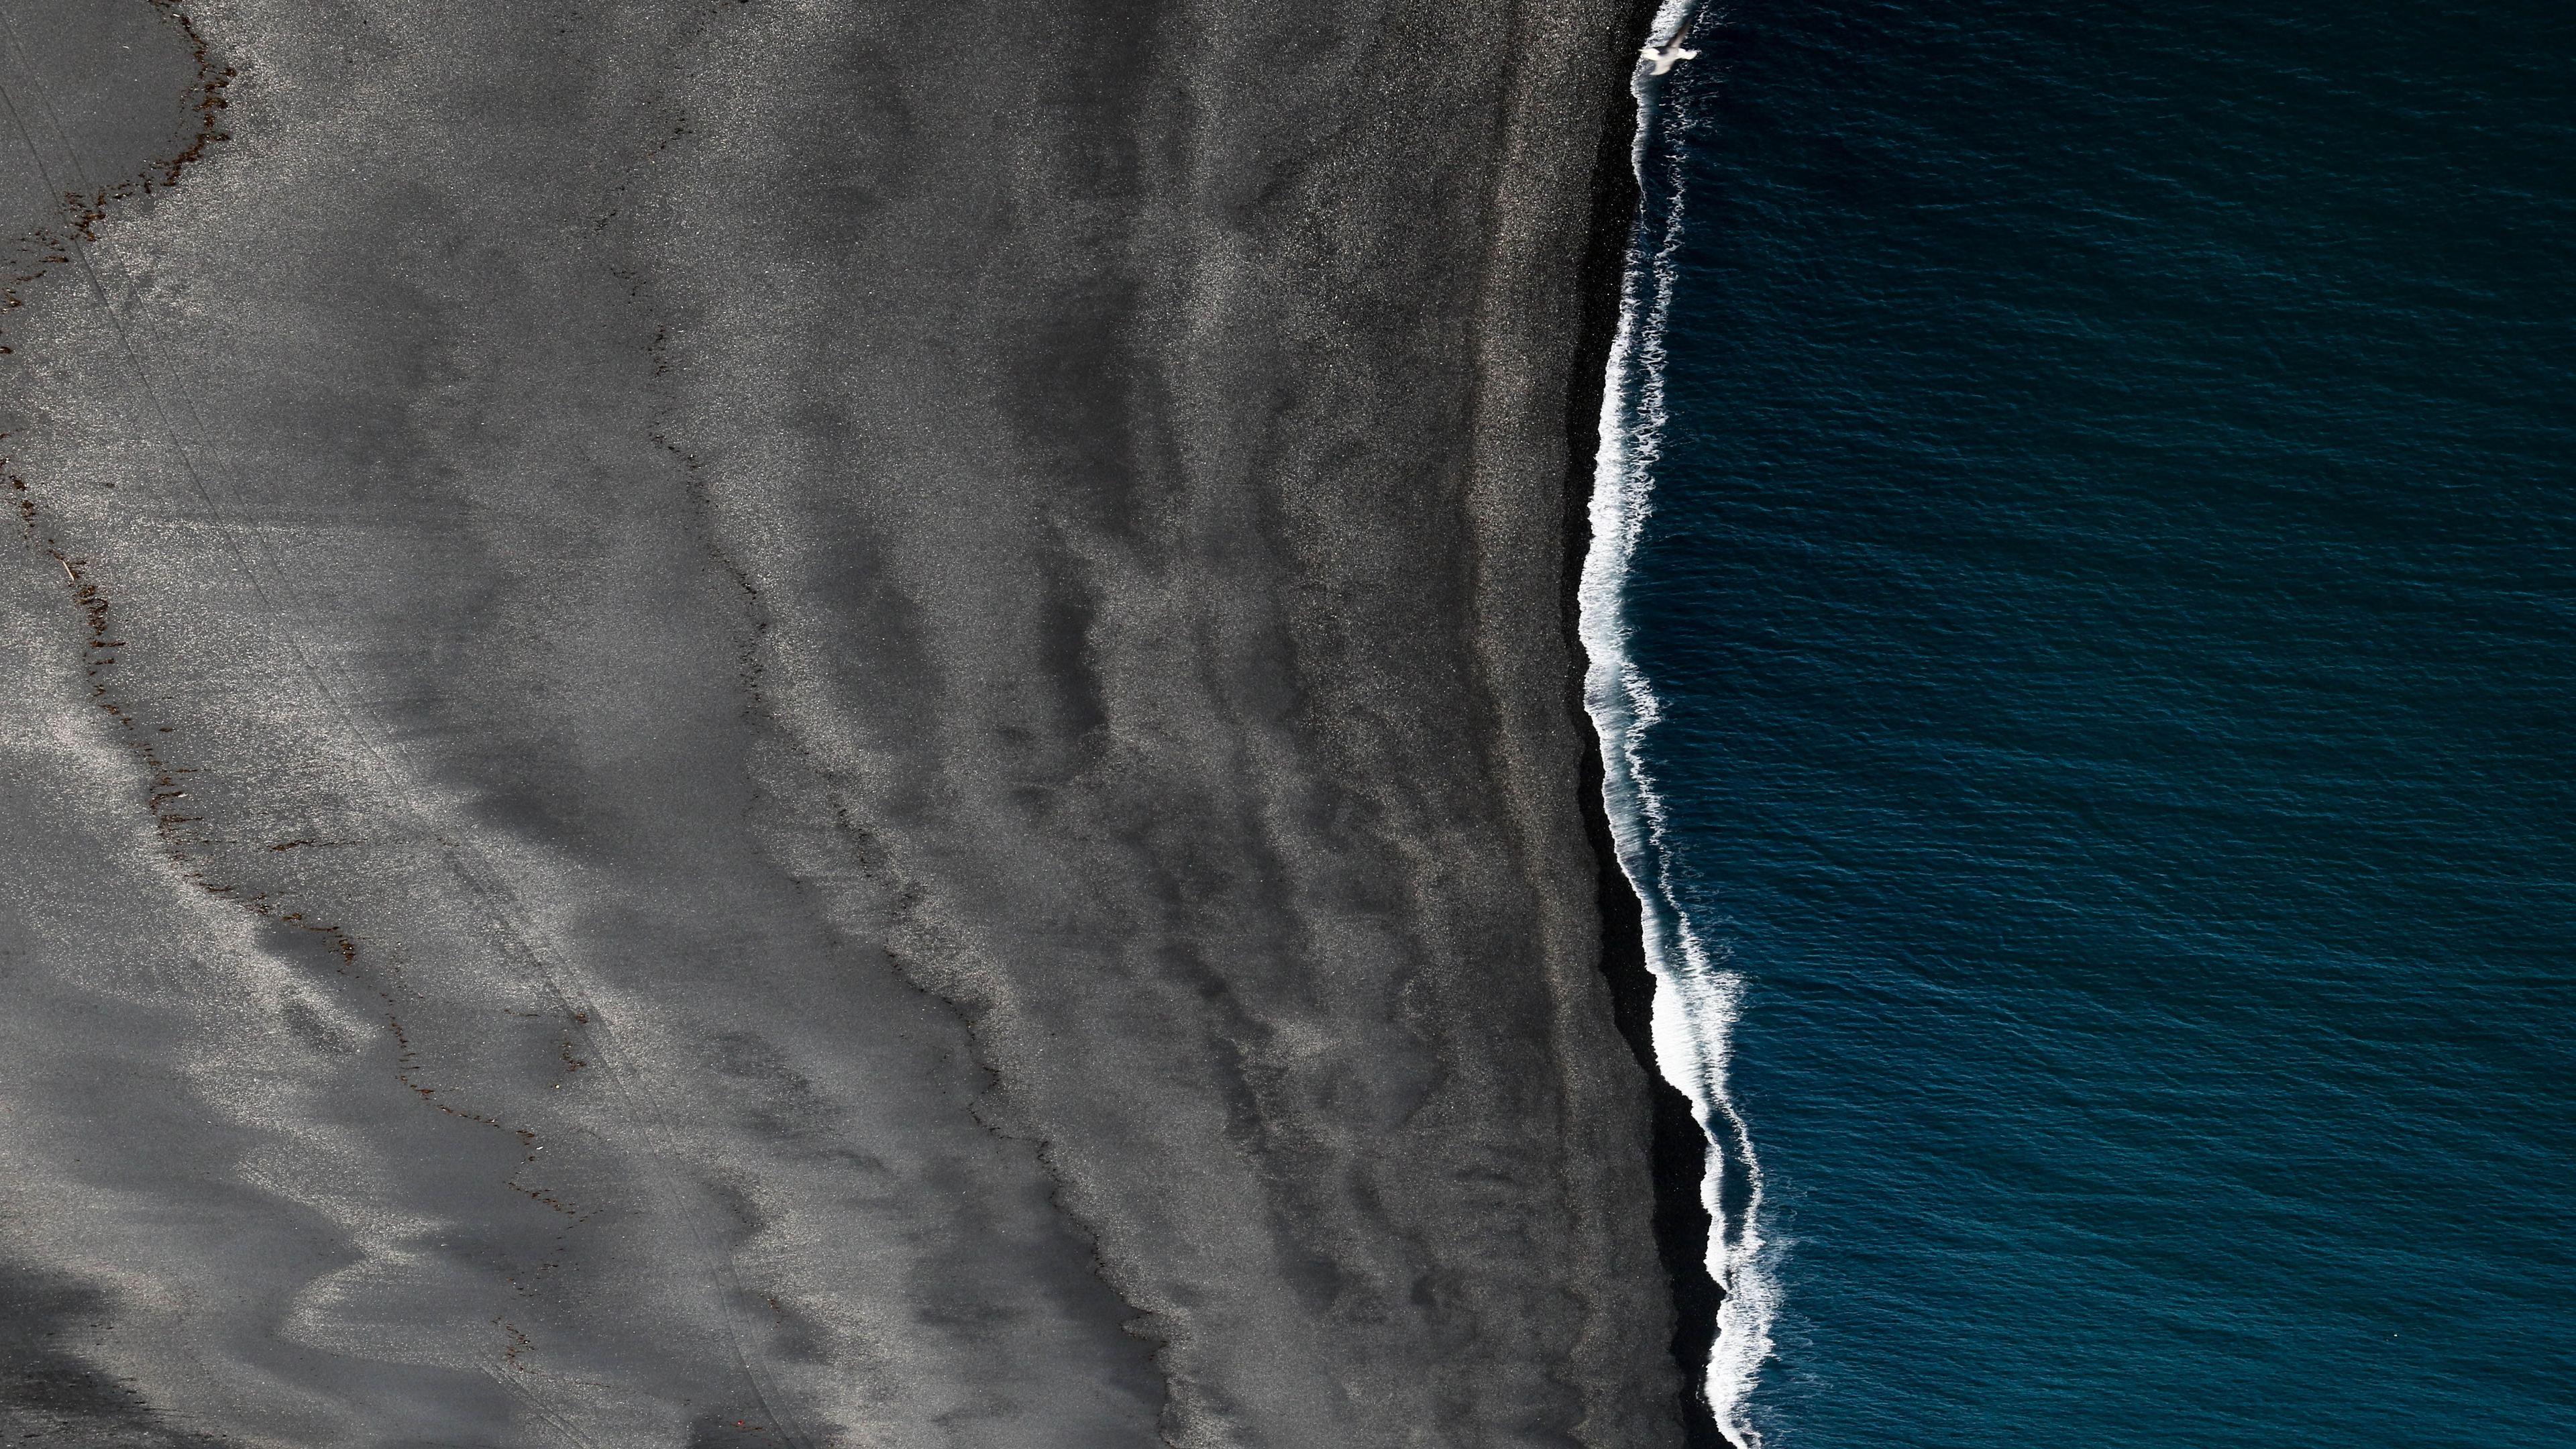 Wallpaper 4k Black Sand Iceland Landscape Space Vik 5k 4k Wallpapers 5k Wallpapers Digital Universe Wallpapers Hd Wallpapers Landscape Wallpapers Nature Wallpapers Sand Wallpapers Space Wallpapers